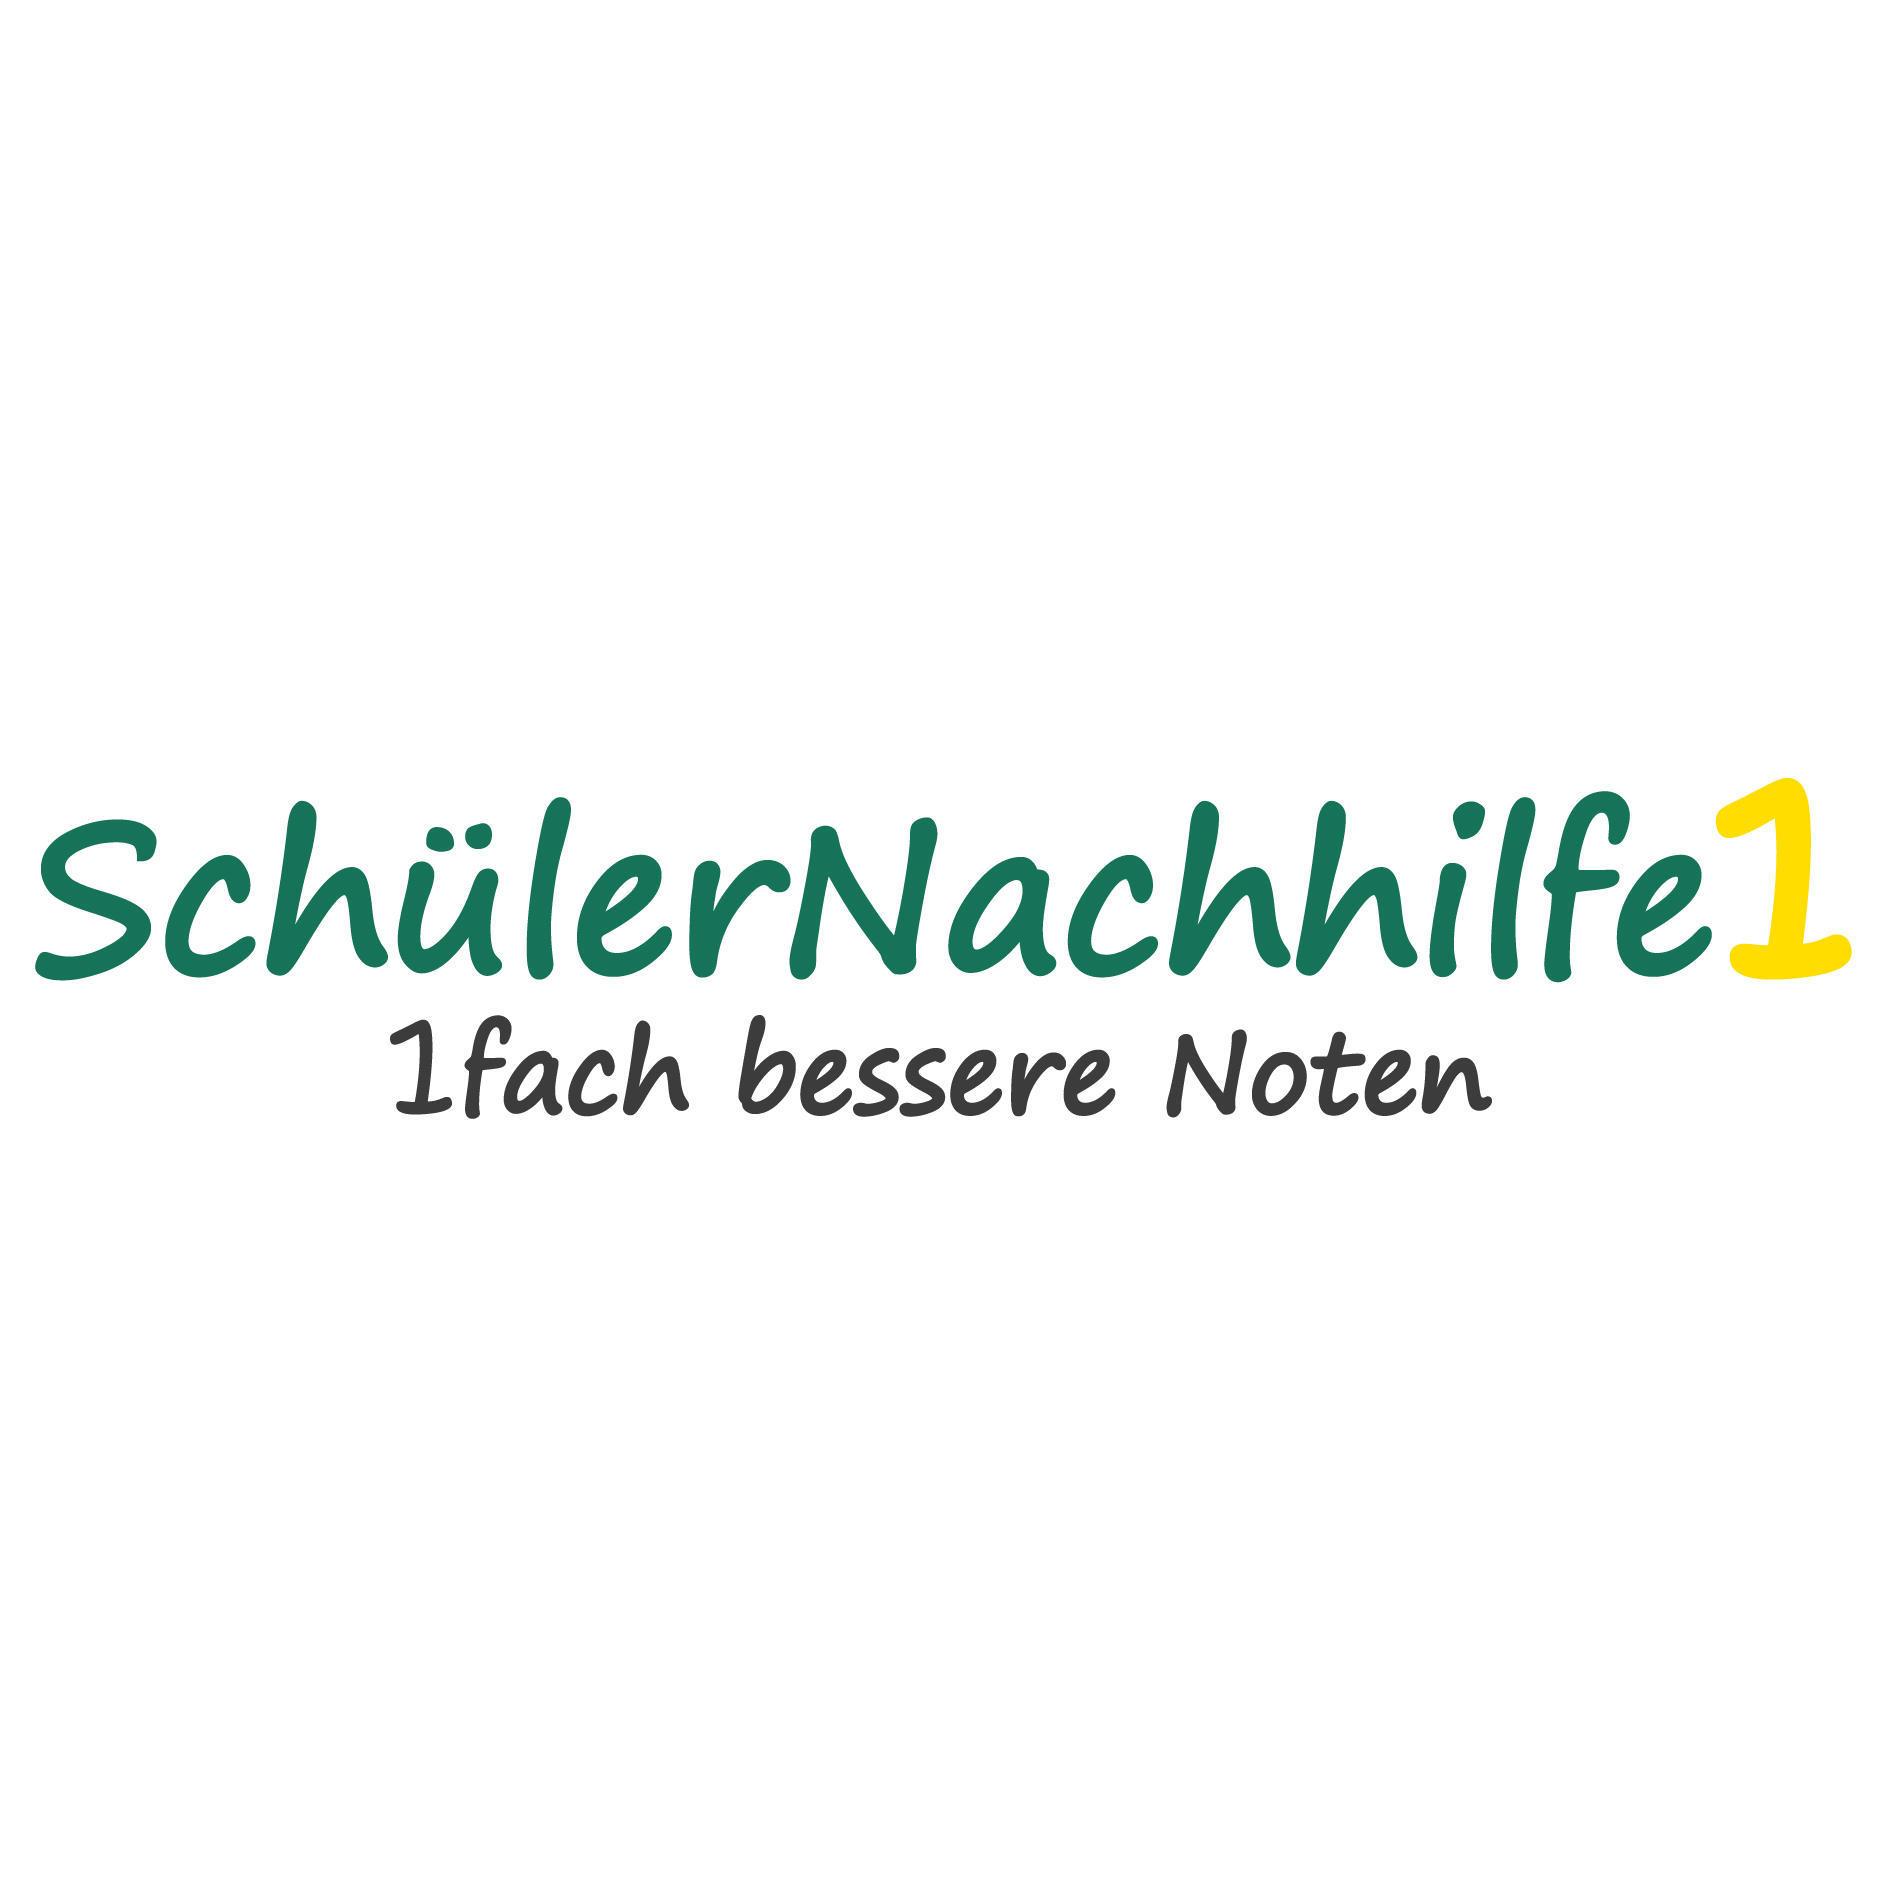 Bild zu SchuelerNachhilfe1 in Regensburg